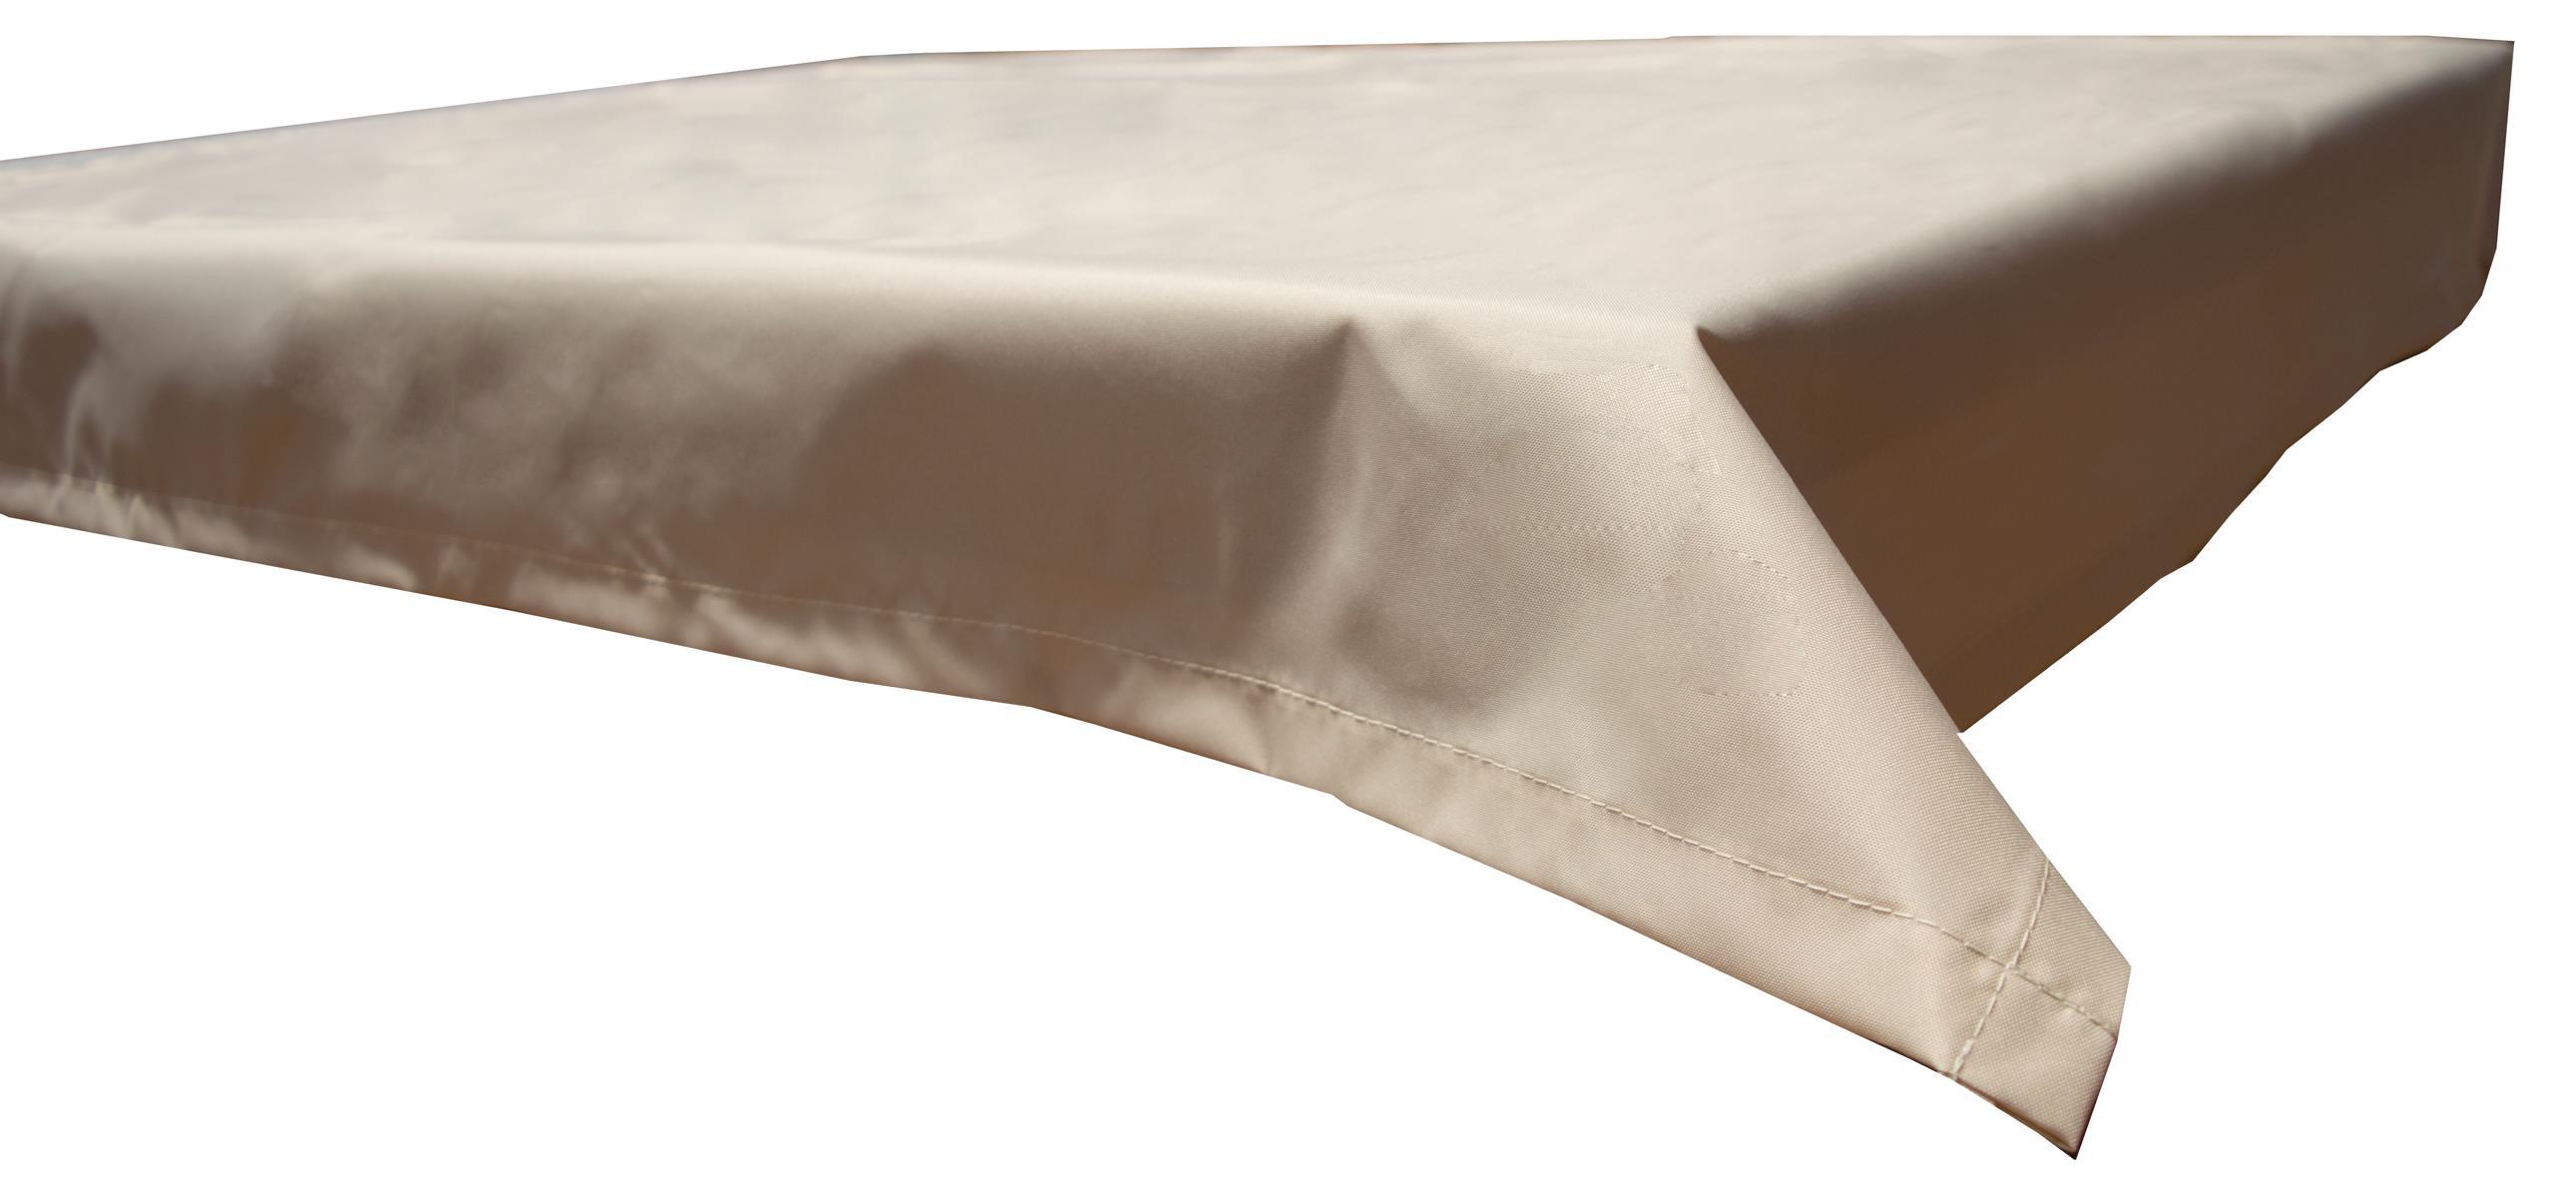 130x230 cm wasserabweisende Tischdecke 100% Polyester in beige